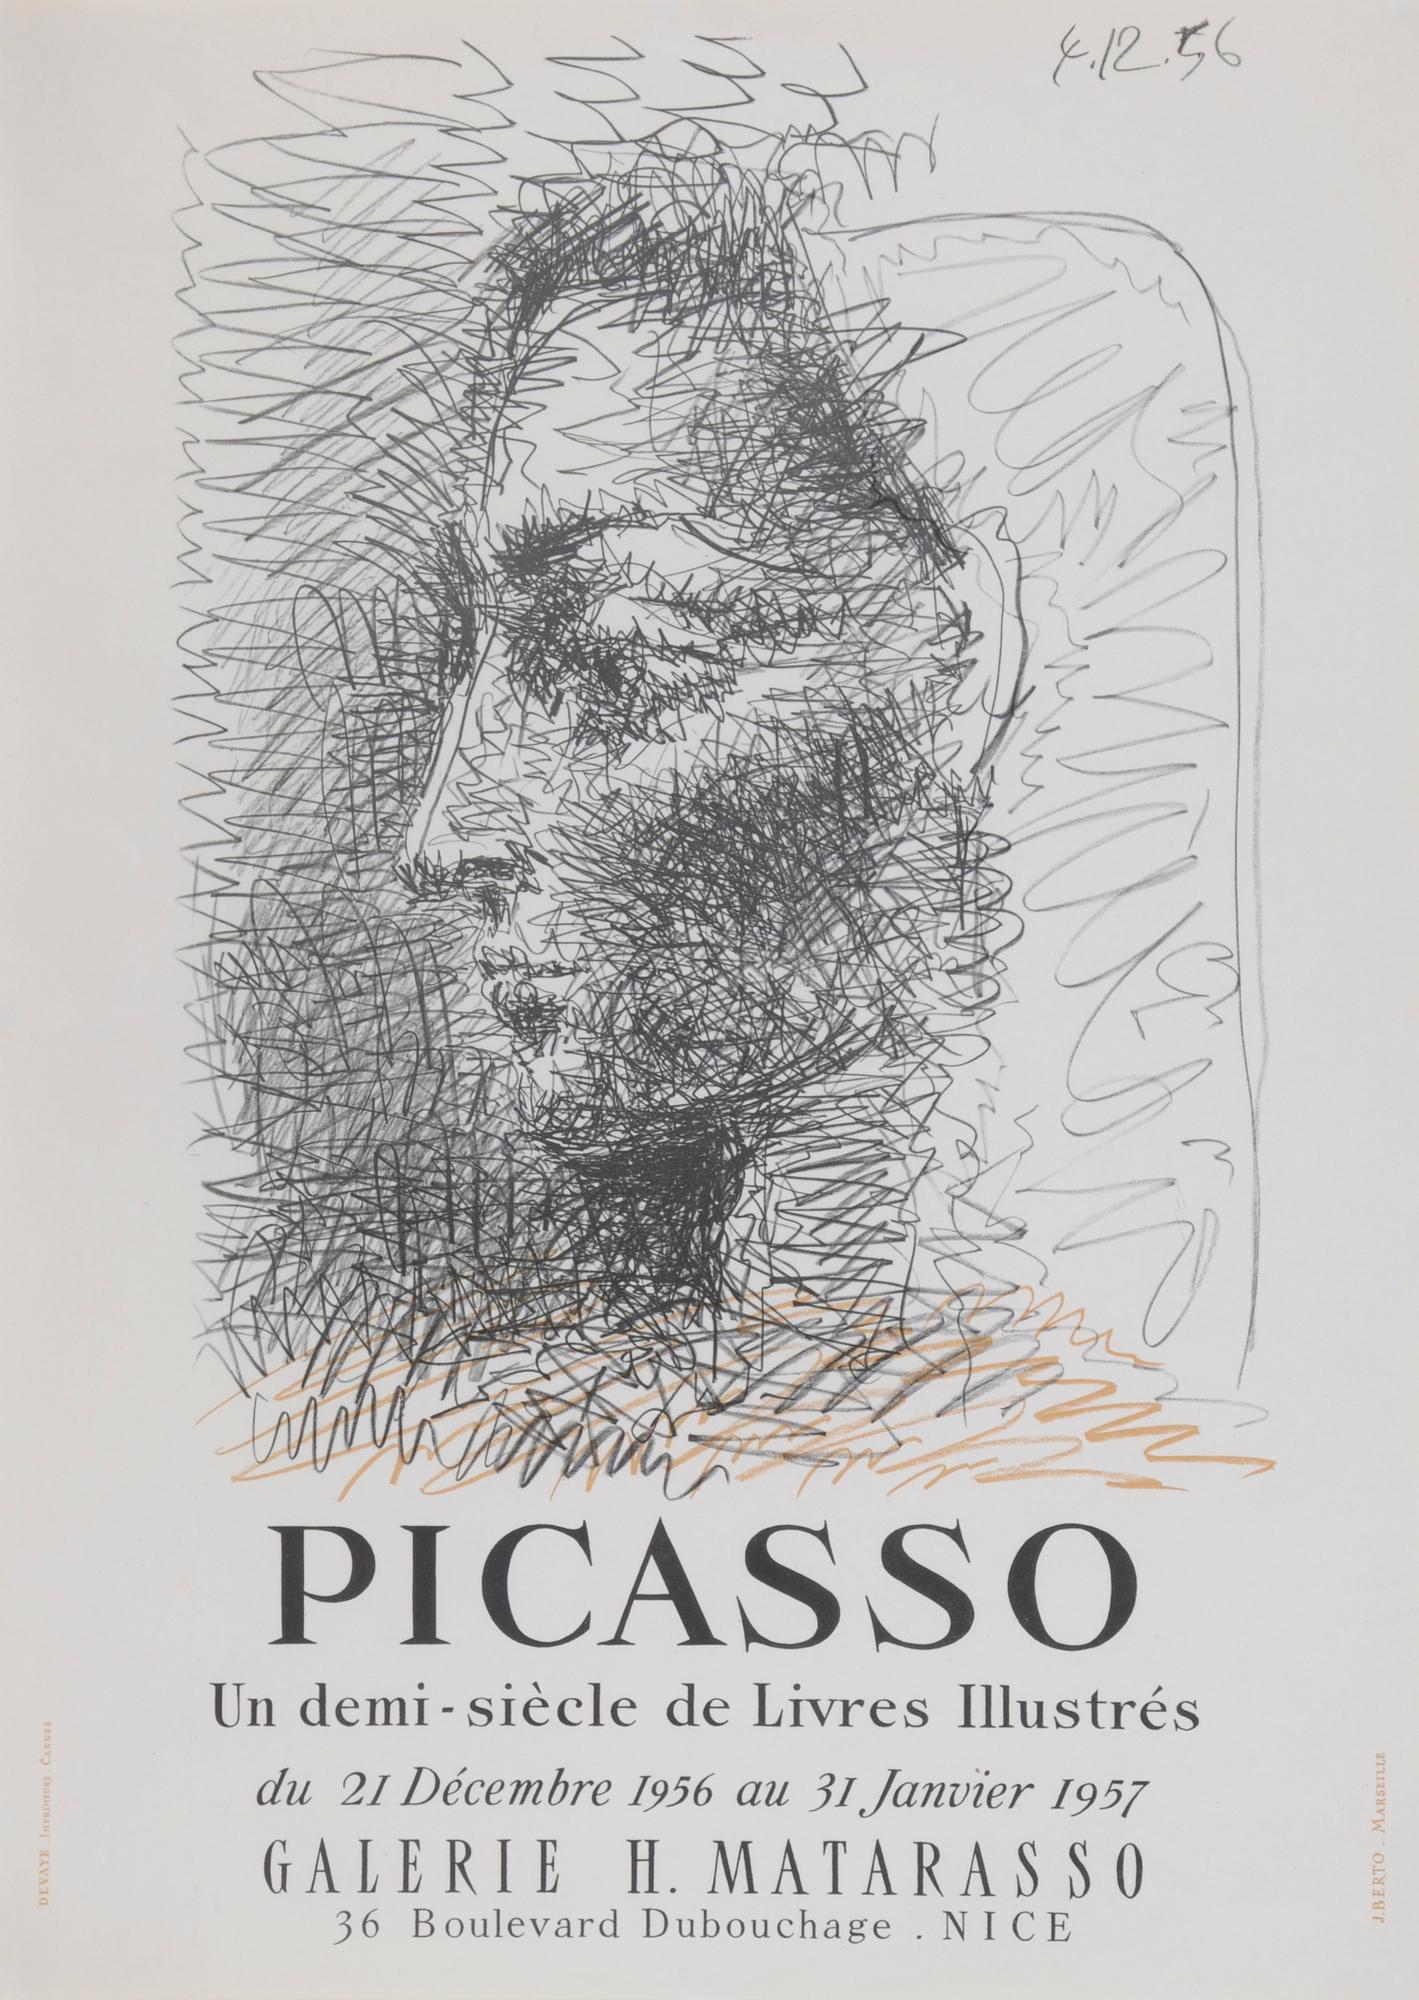 Picasso Pablo, Poster. Un demi-siècle de livres illustrés